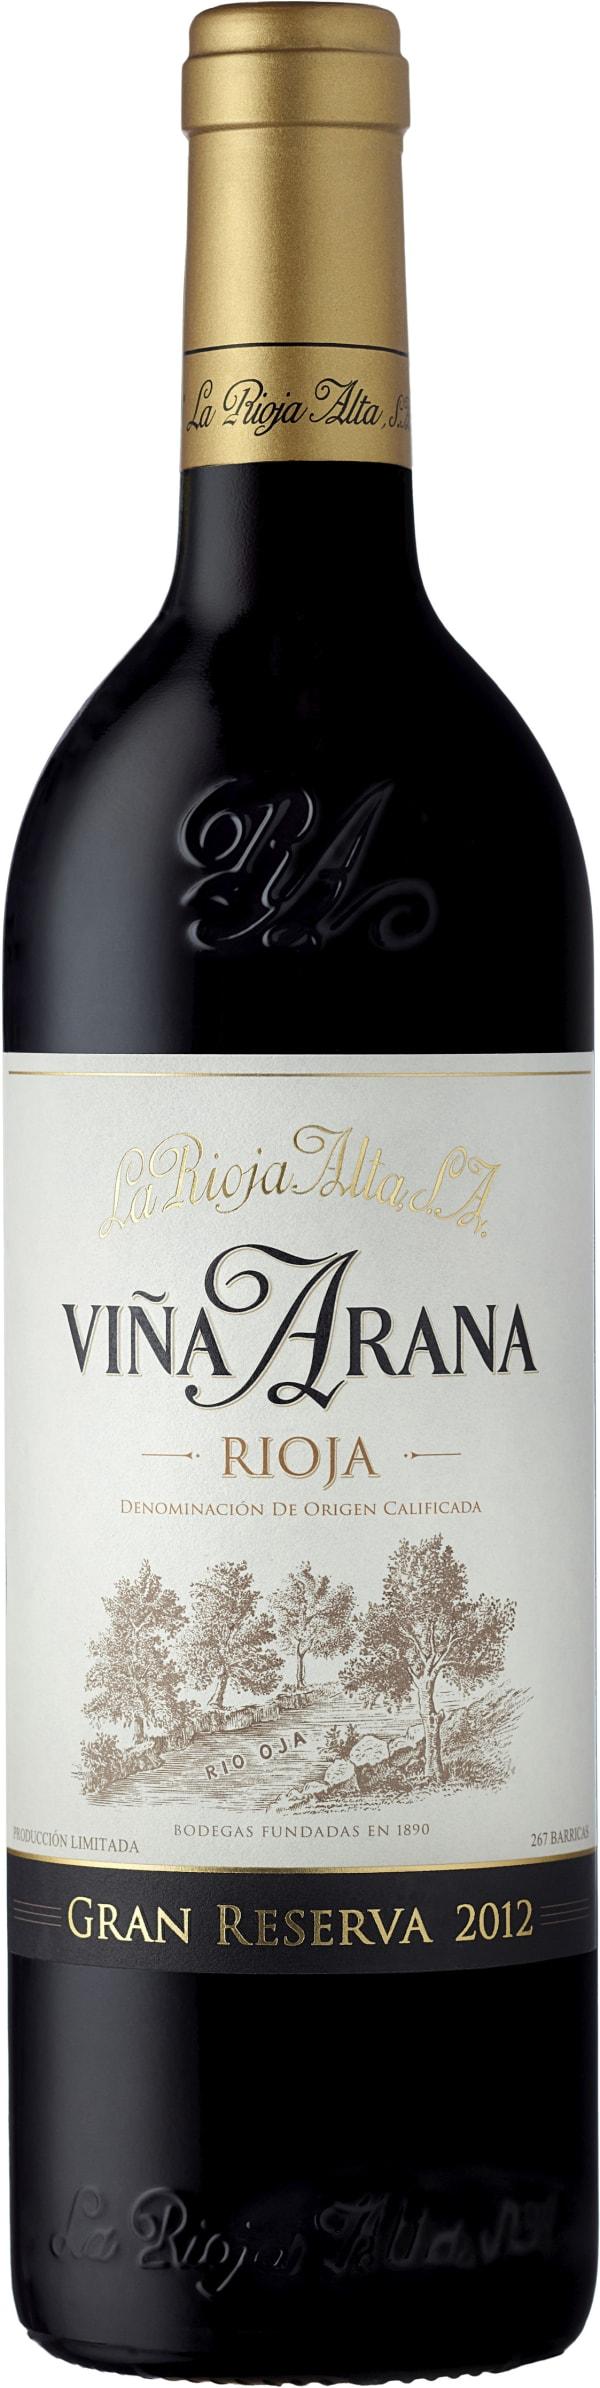 La Rioja Alta Viña Arana Gran Reserva 2012